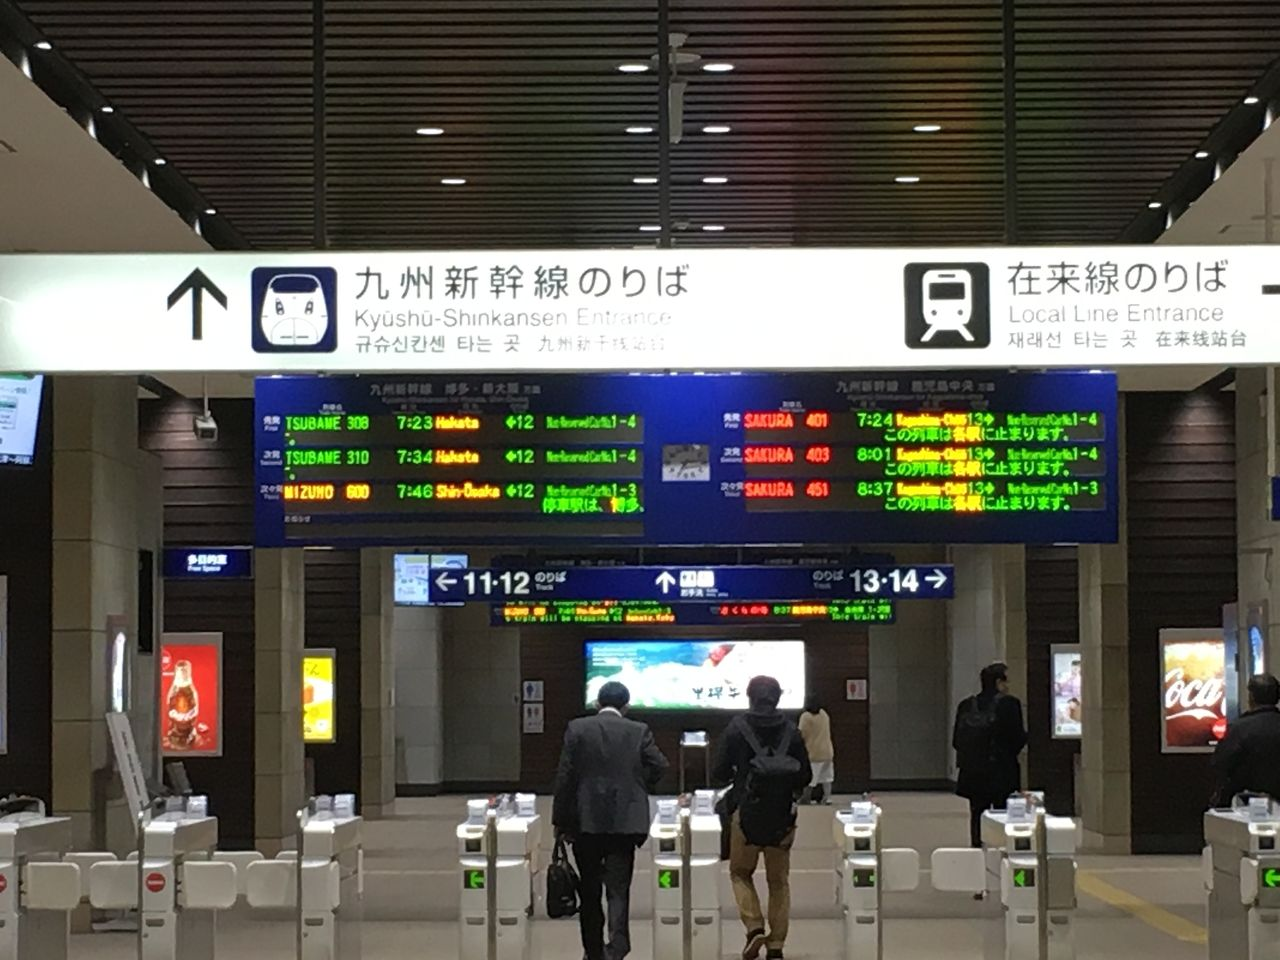 熊本駅新幹線の改札口